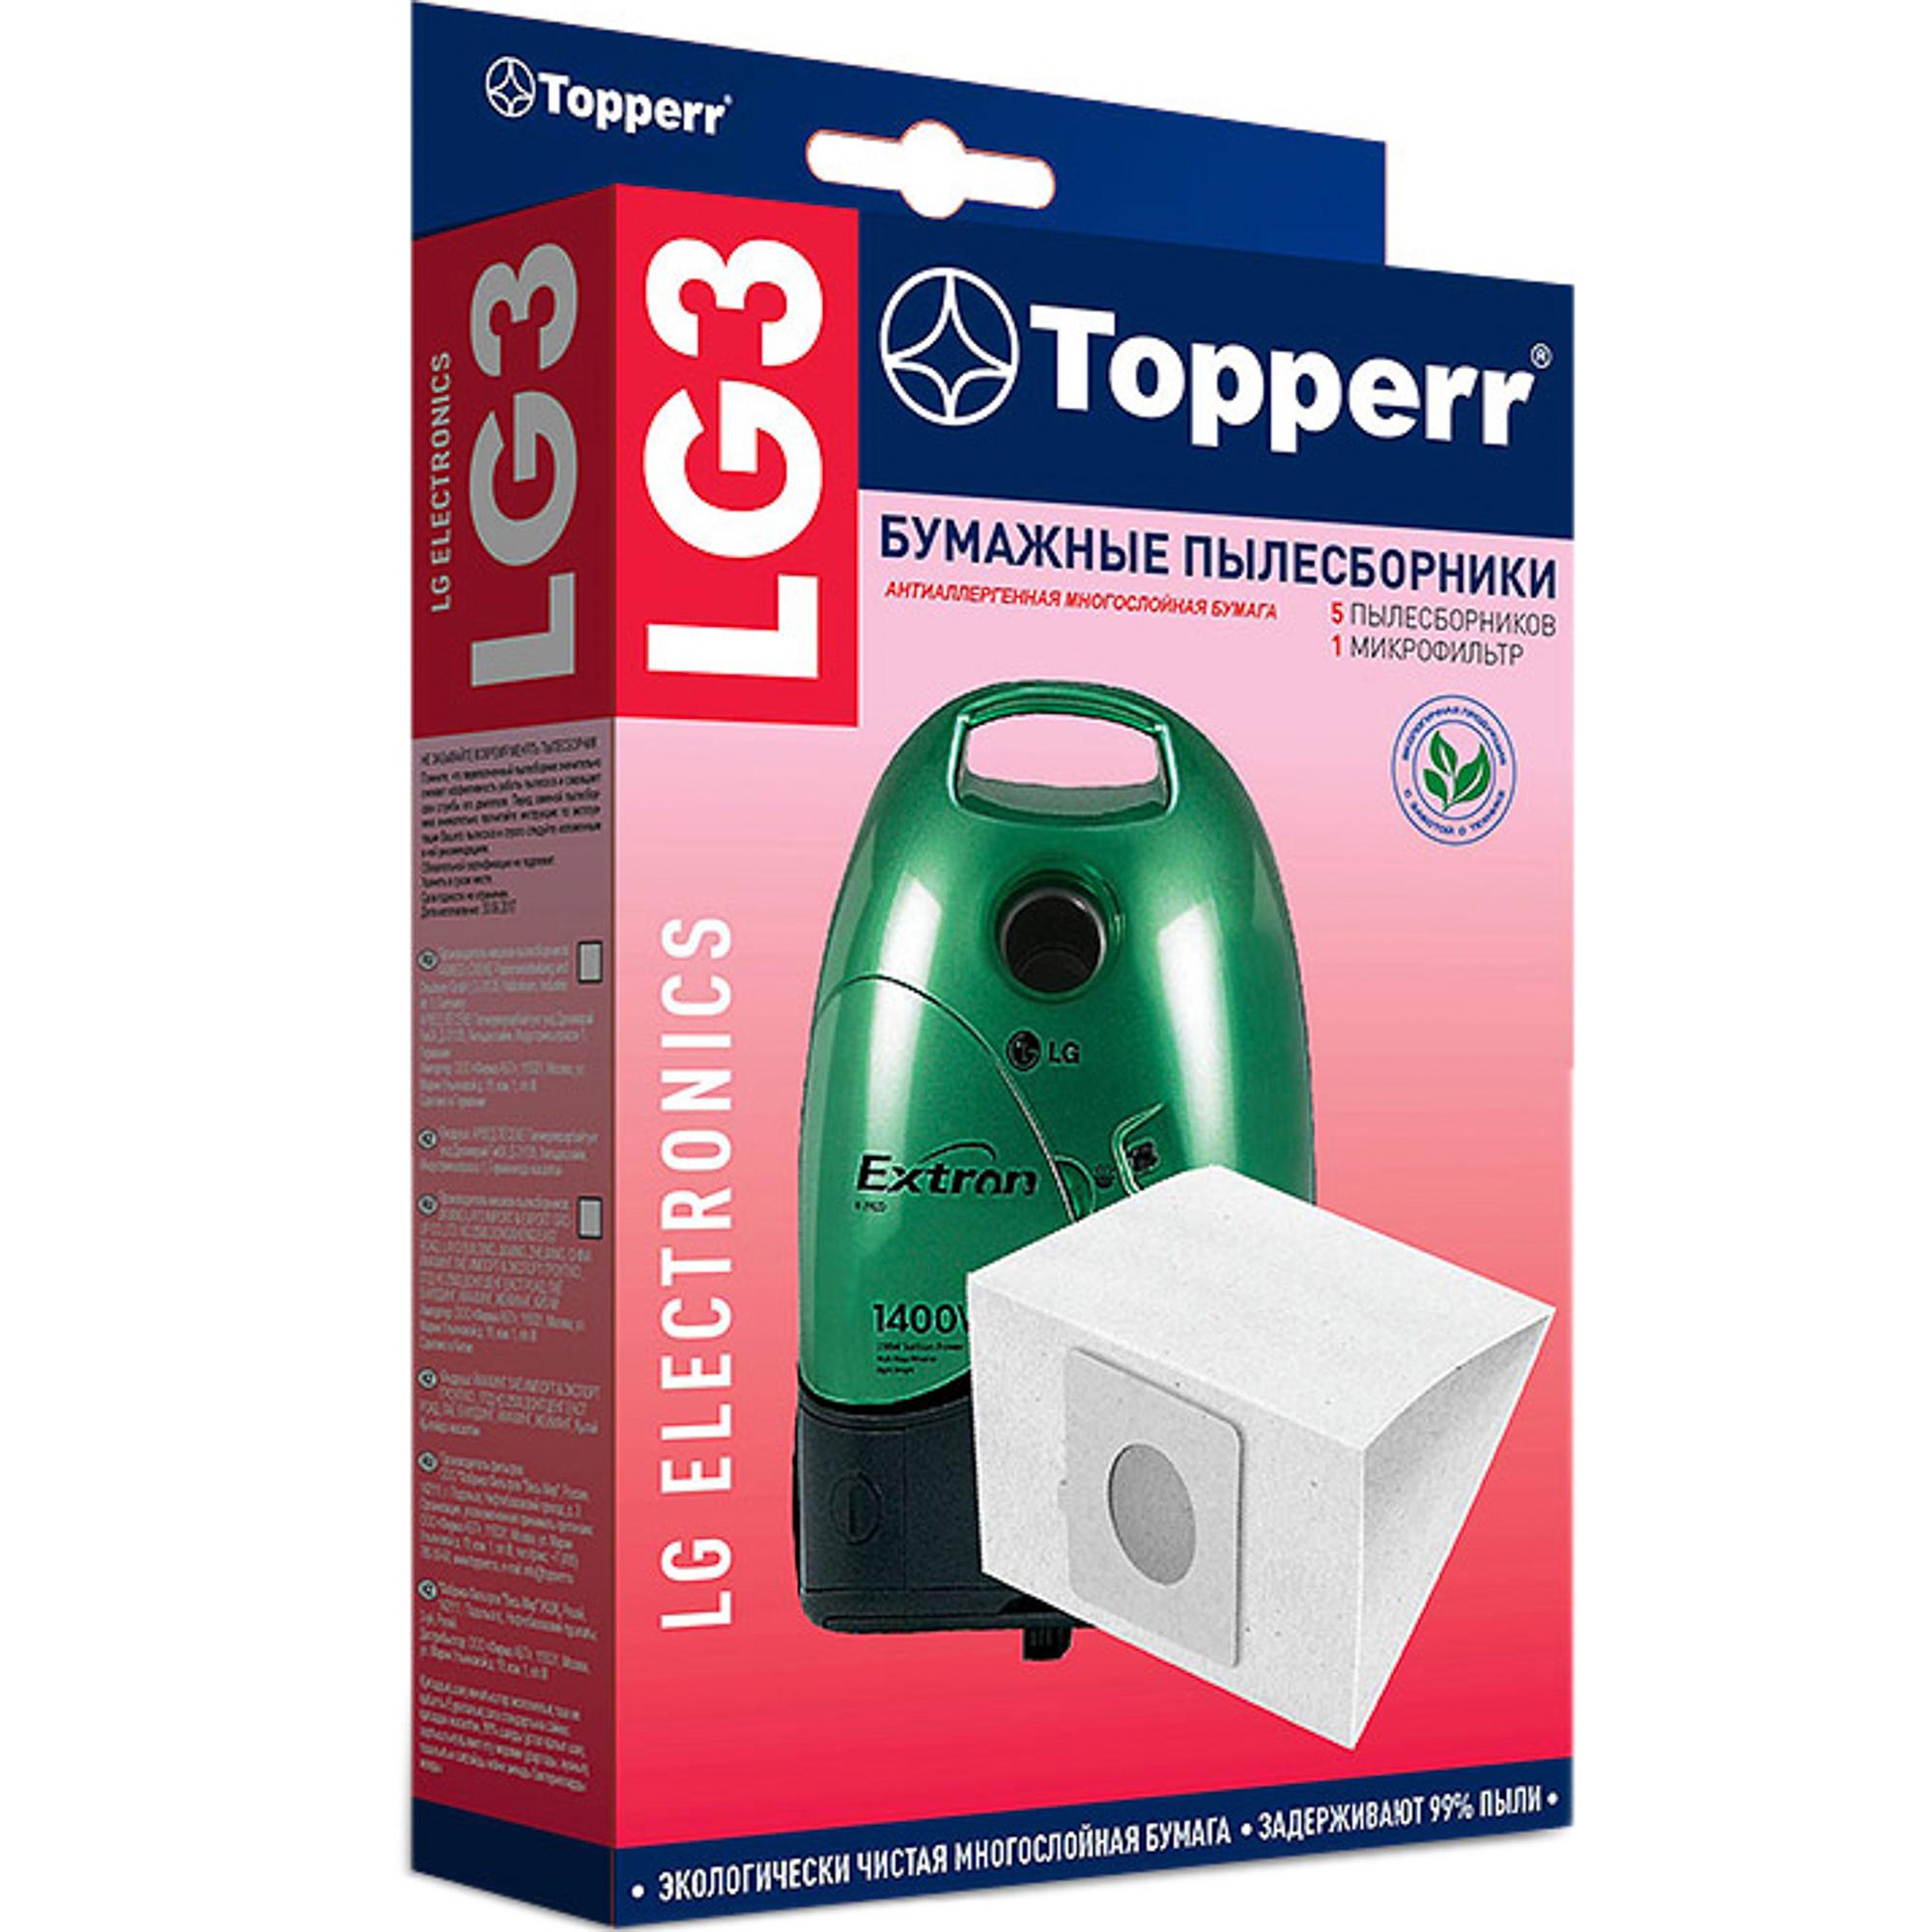 Пылесборник Topperr LG3